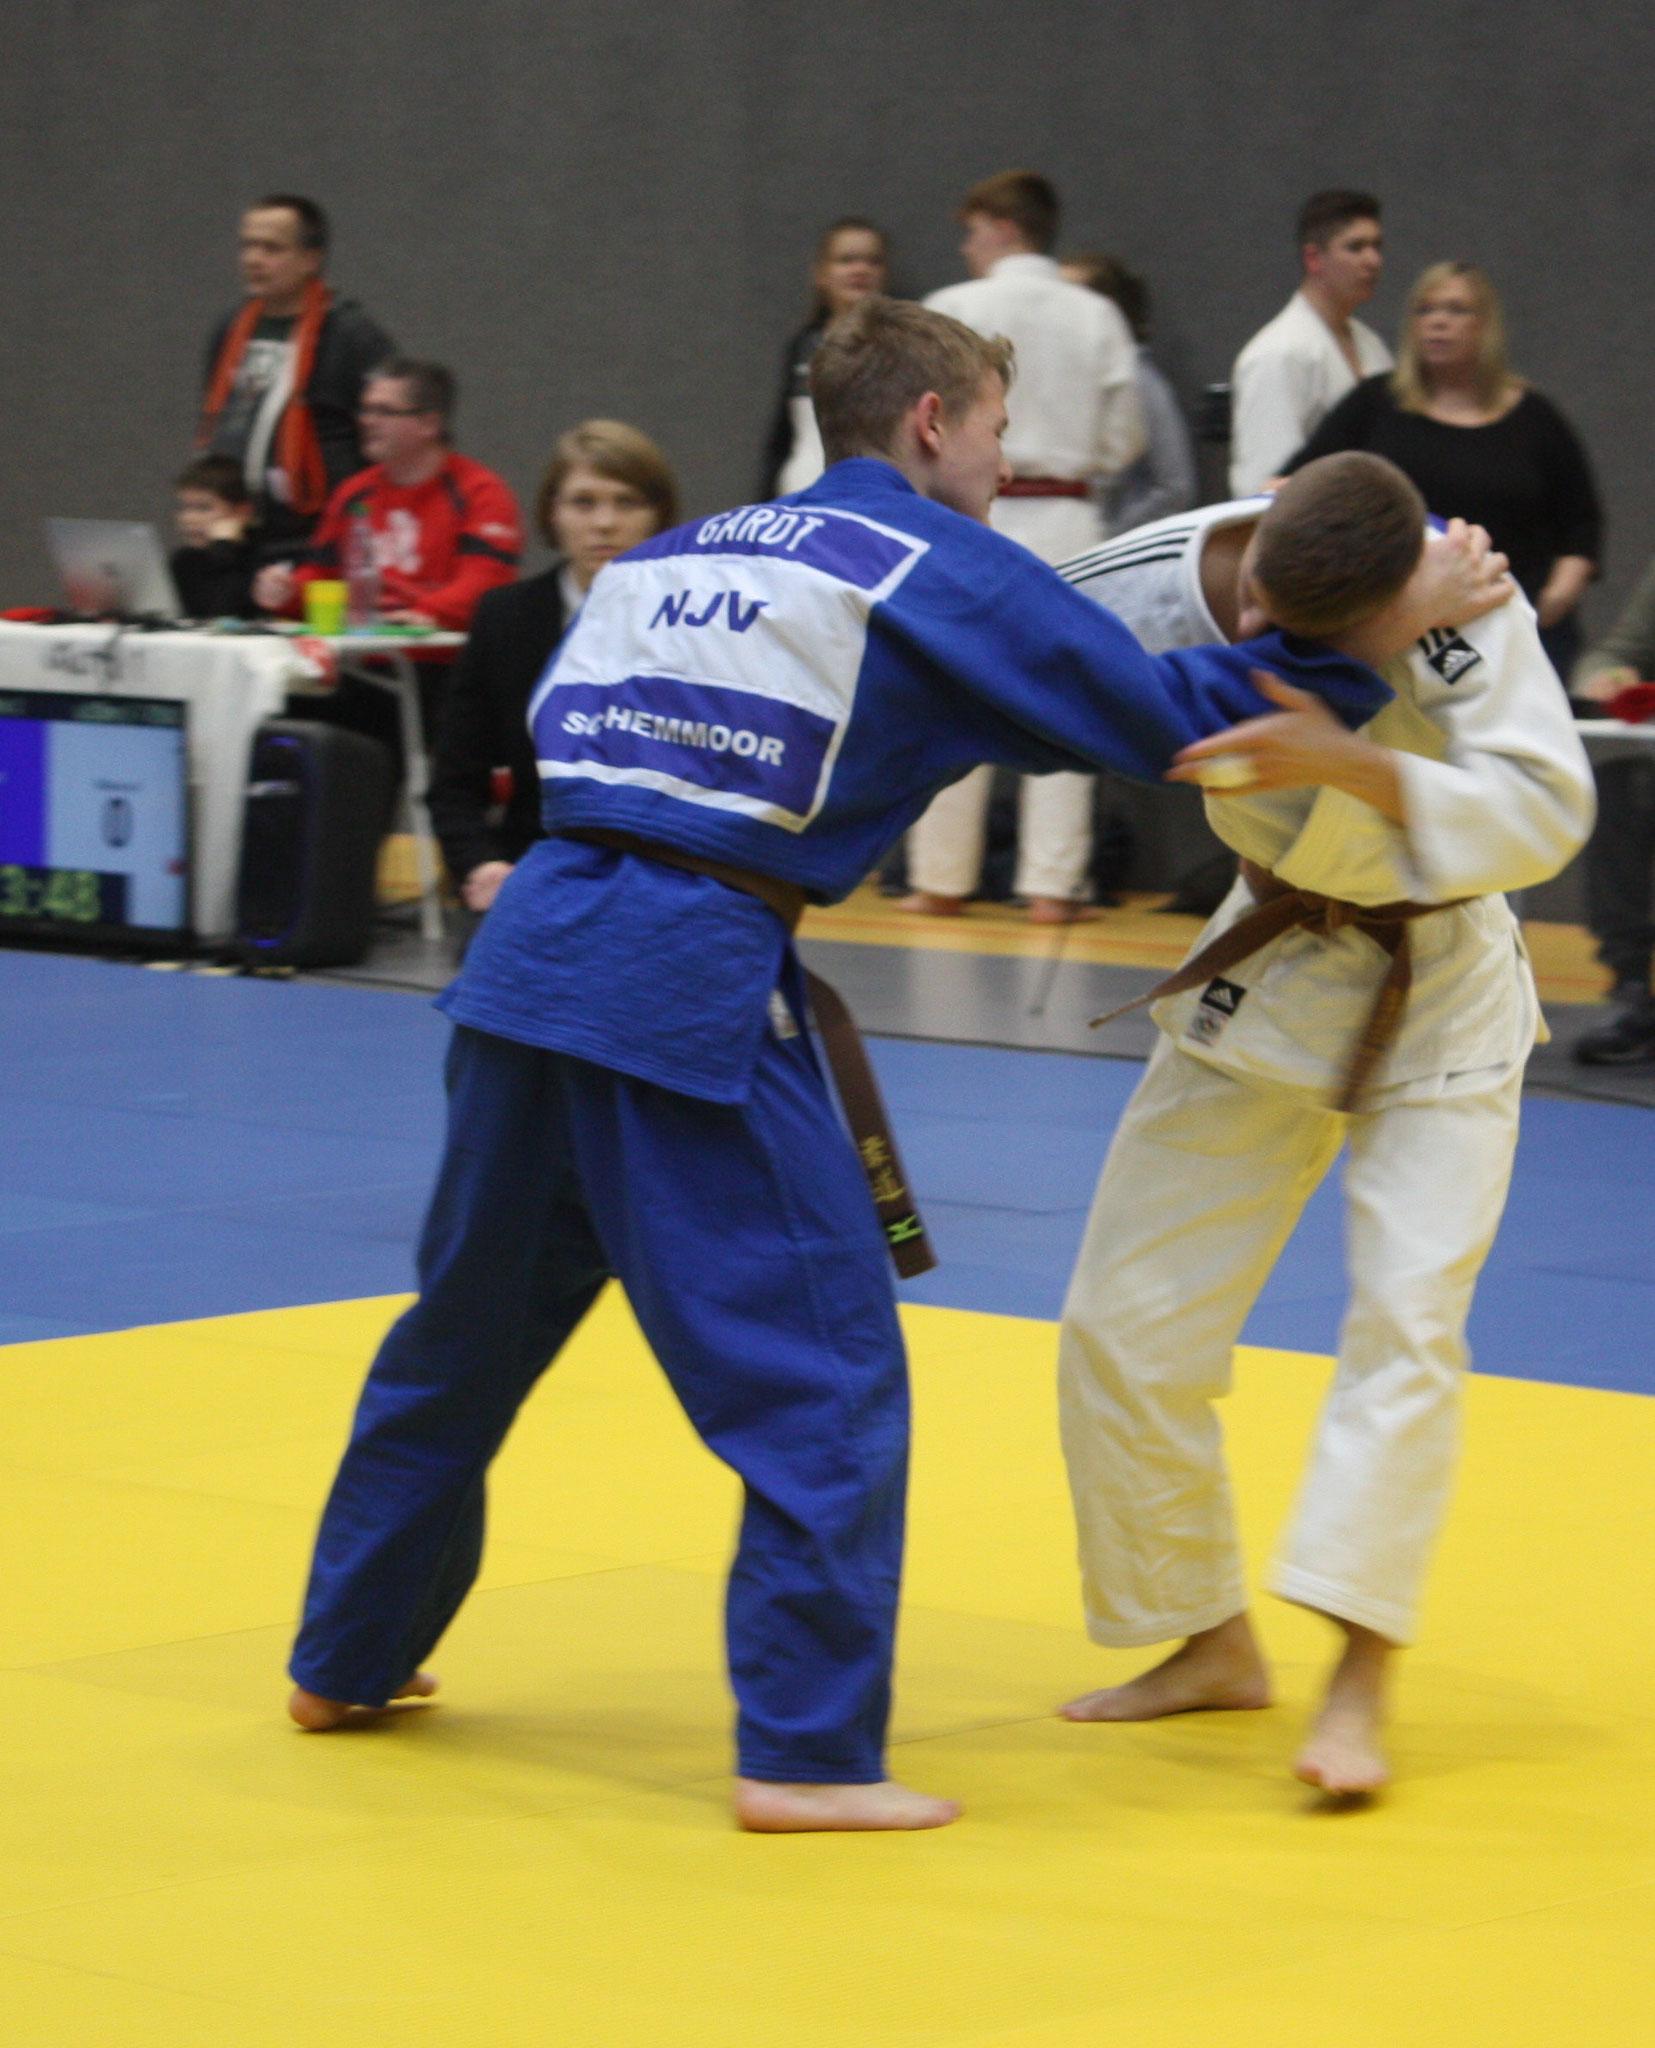 Daniel Gardt (in blau) versucht seinen Gegner in Wurfposition zu ziehen